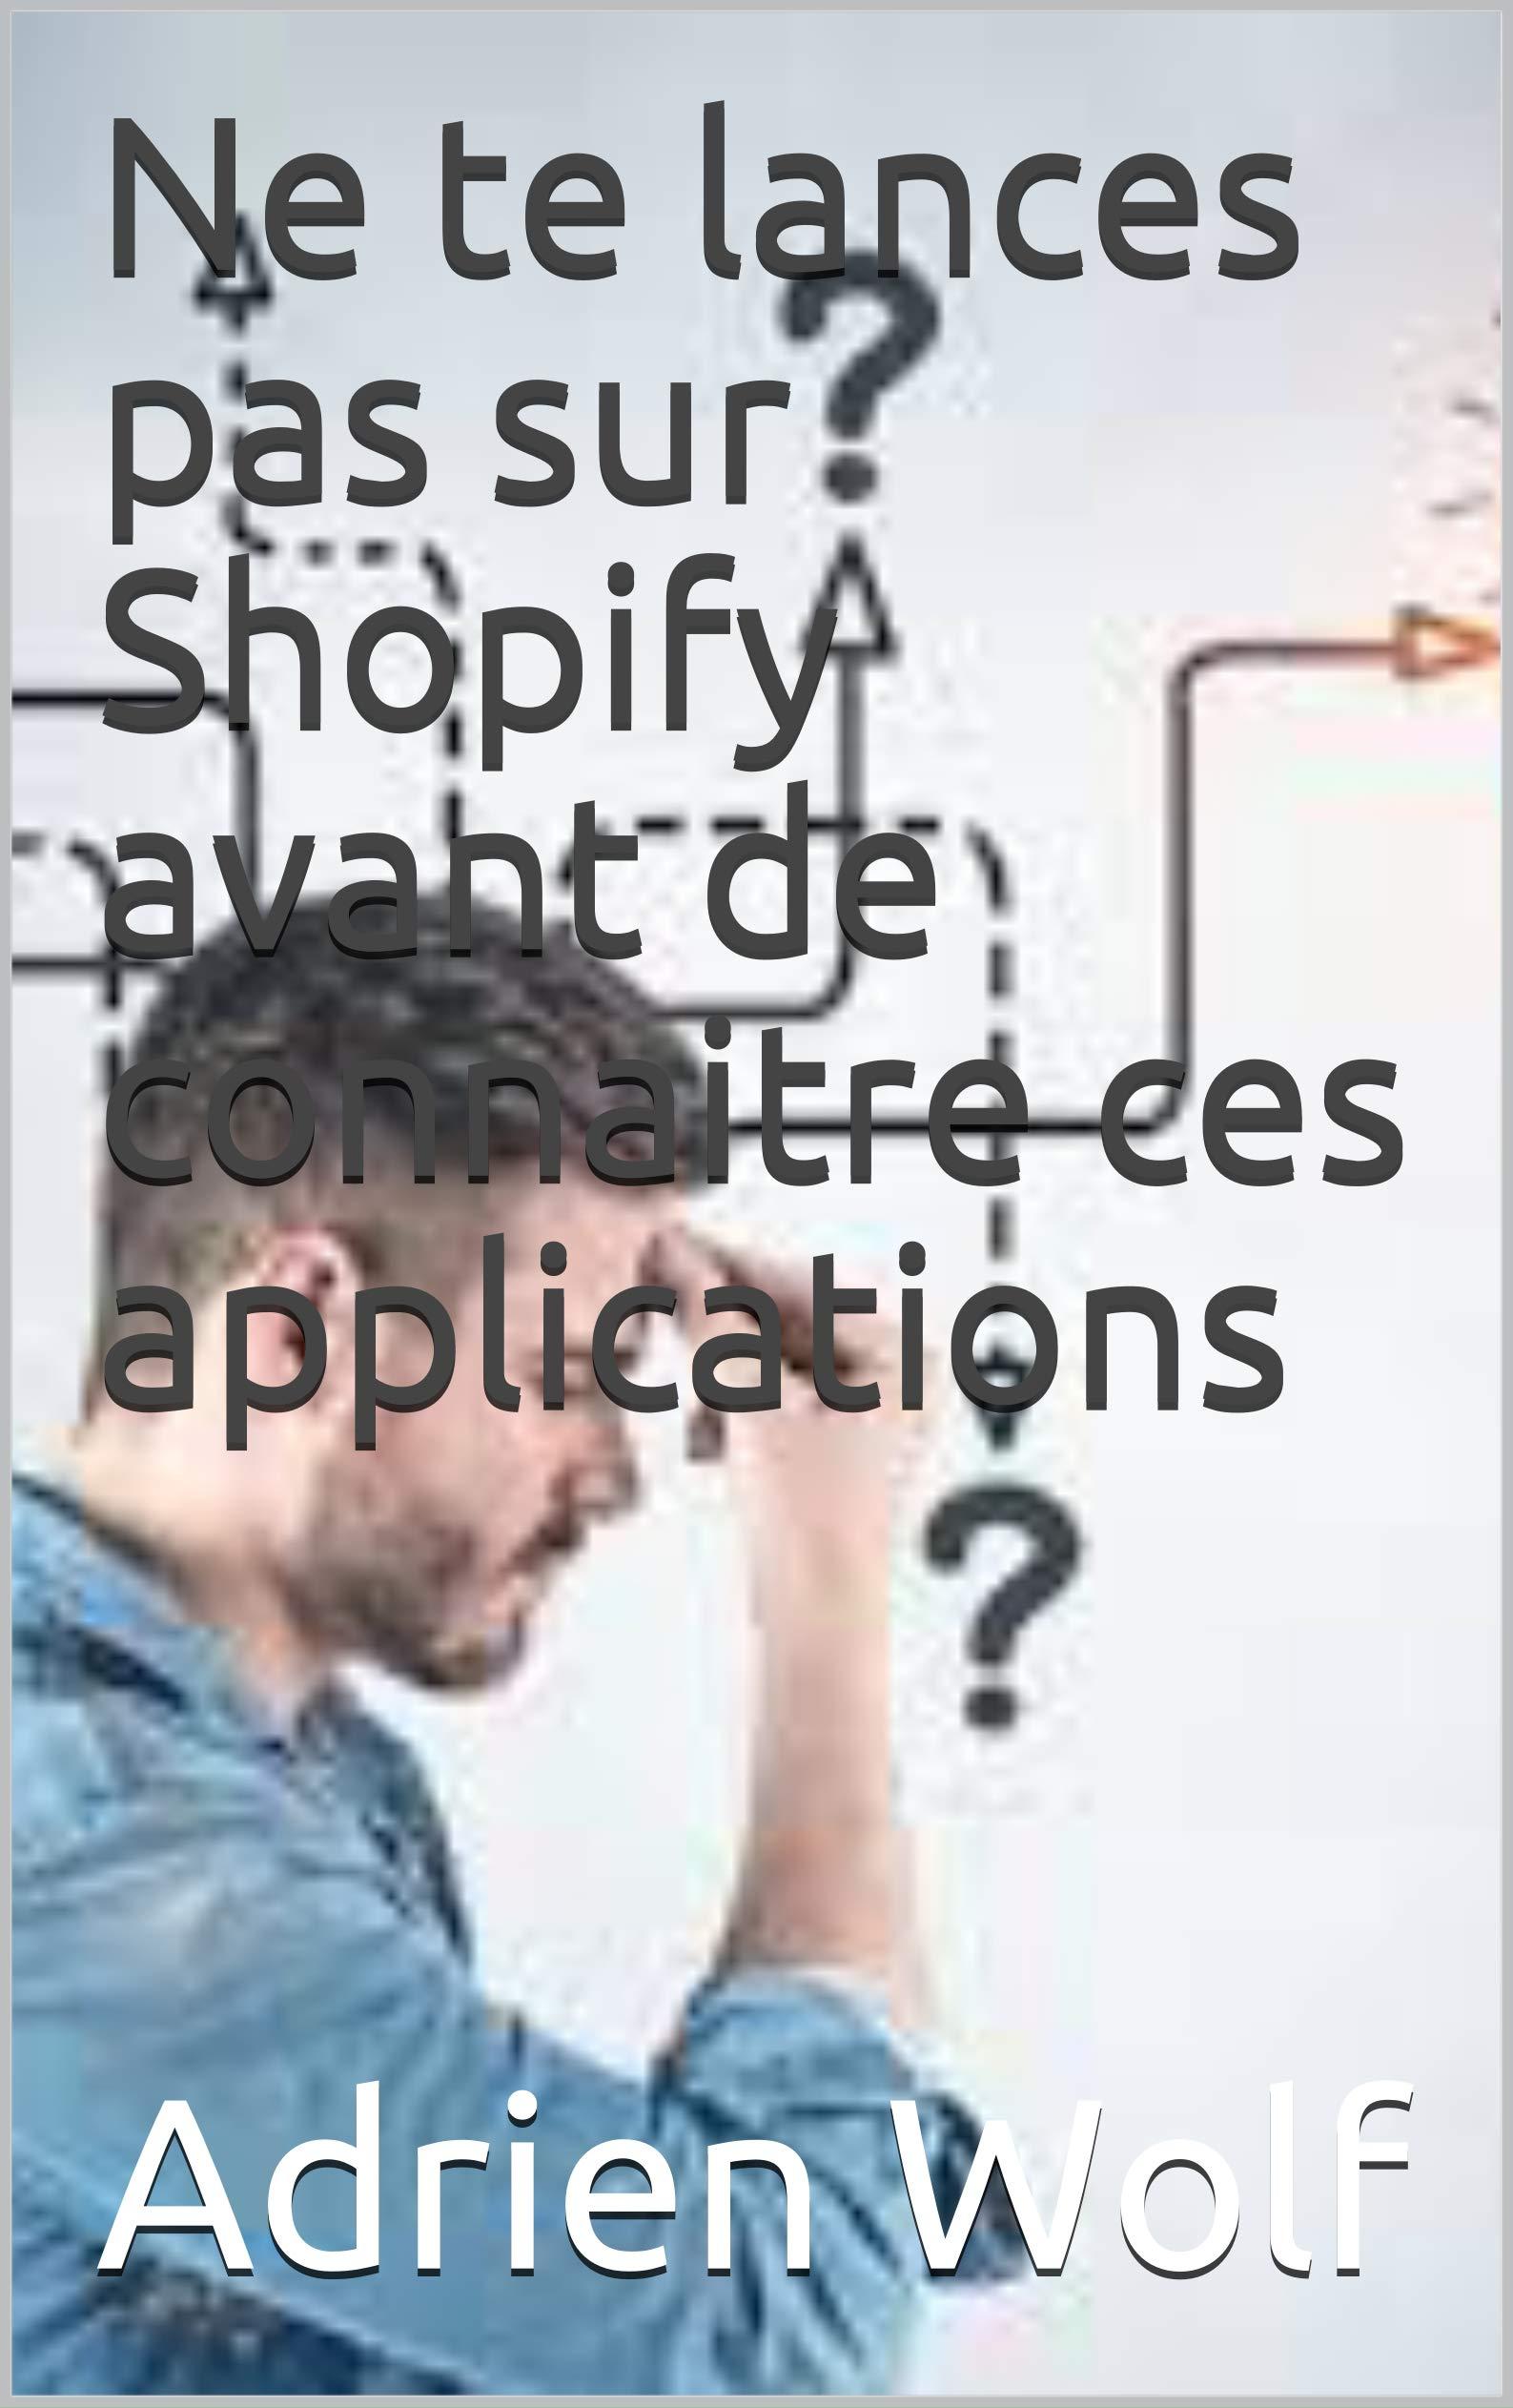 Ne te lances pas sur Shopify avant de connaitre ces applications (French Edition)